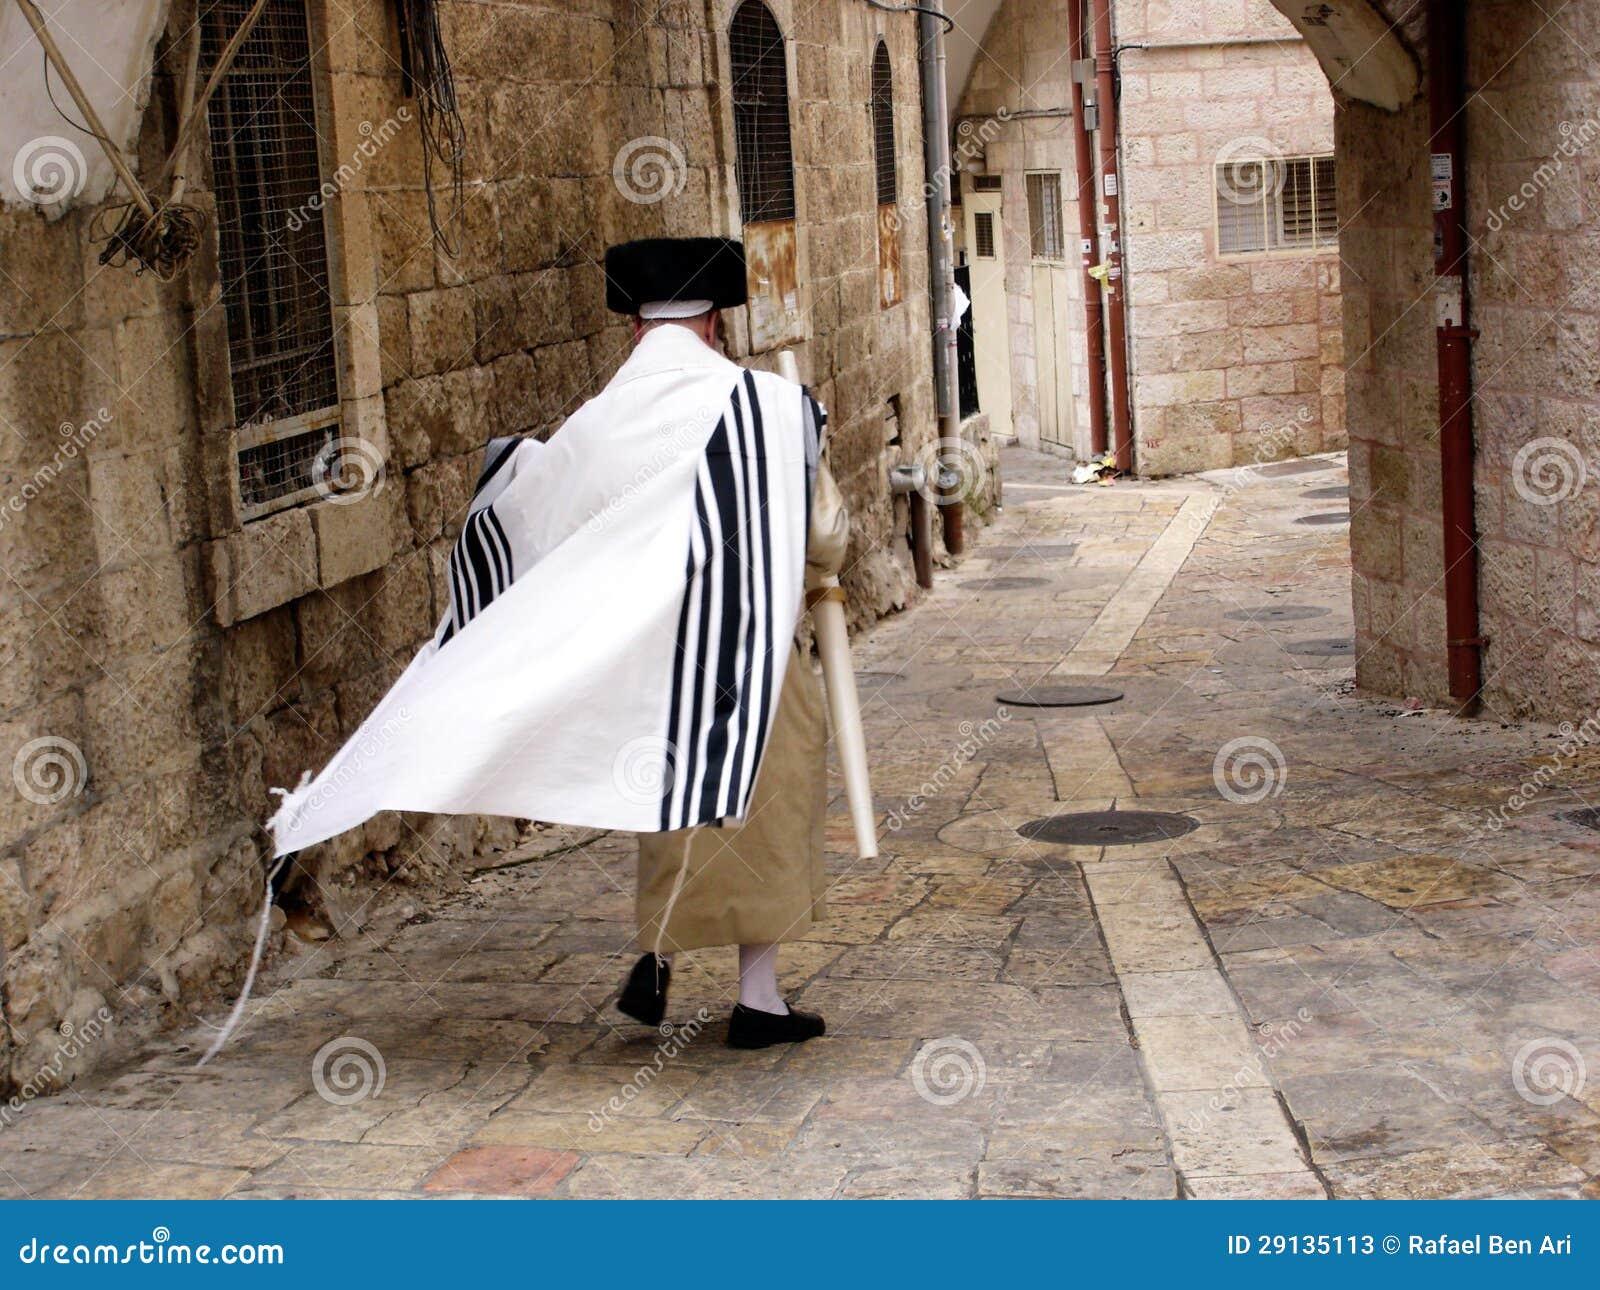 Район Mea Shearim в Иерусалиме Израиле.